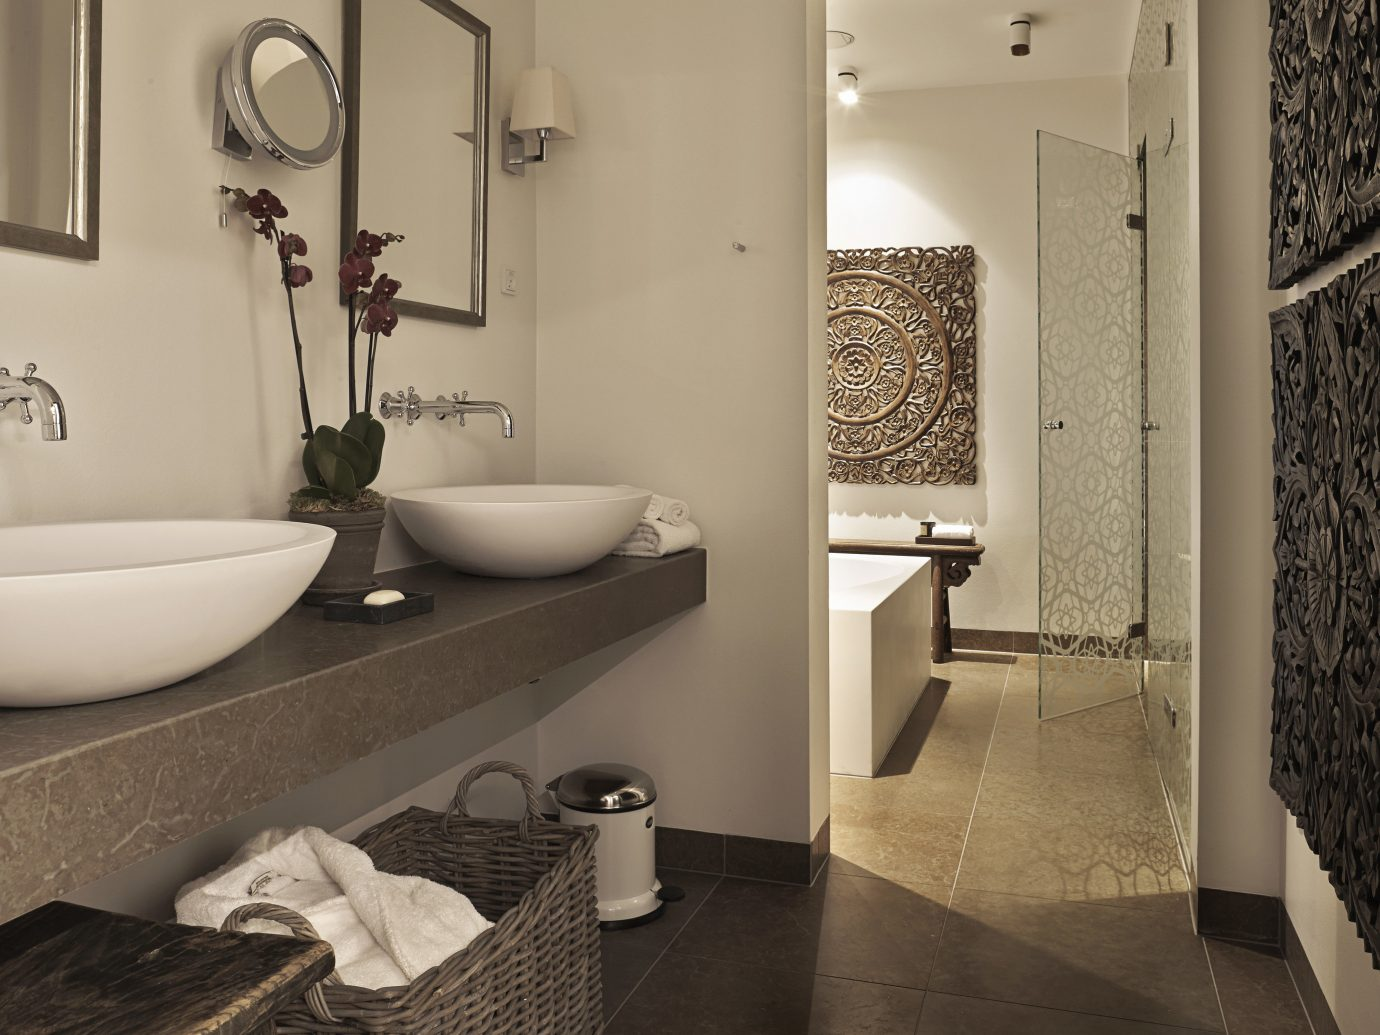 Boutique Hotels Copenhagen Denmark Hotels wall bathroom indoor floor room mirror sink interior design tile plumbing fixture white towel tap flooring home ceramic public toilet bidet tiled